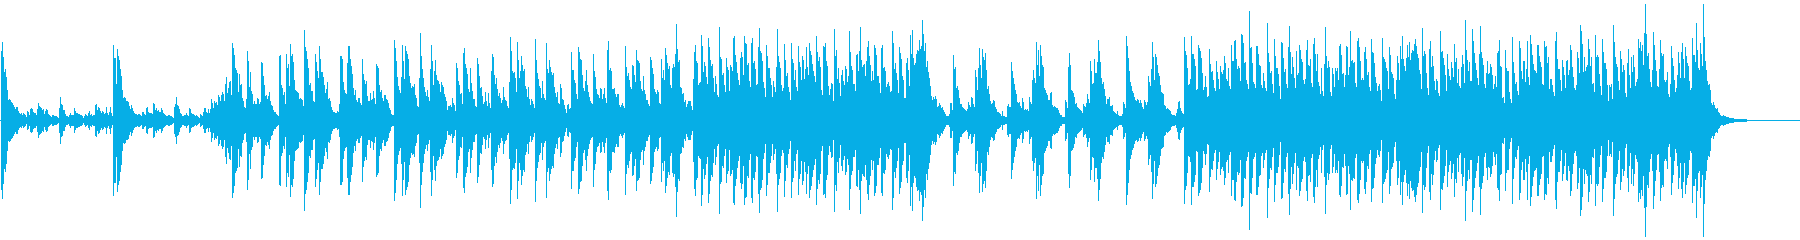 和太鼓アンサンブル&かけ声、力強いAの再生済みの波形